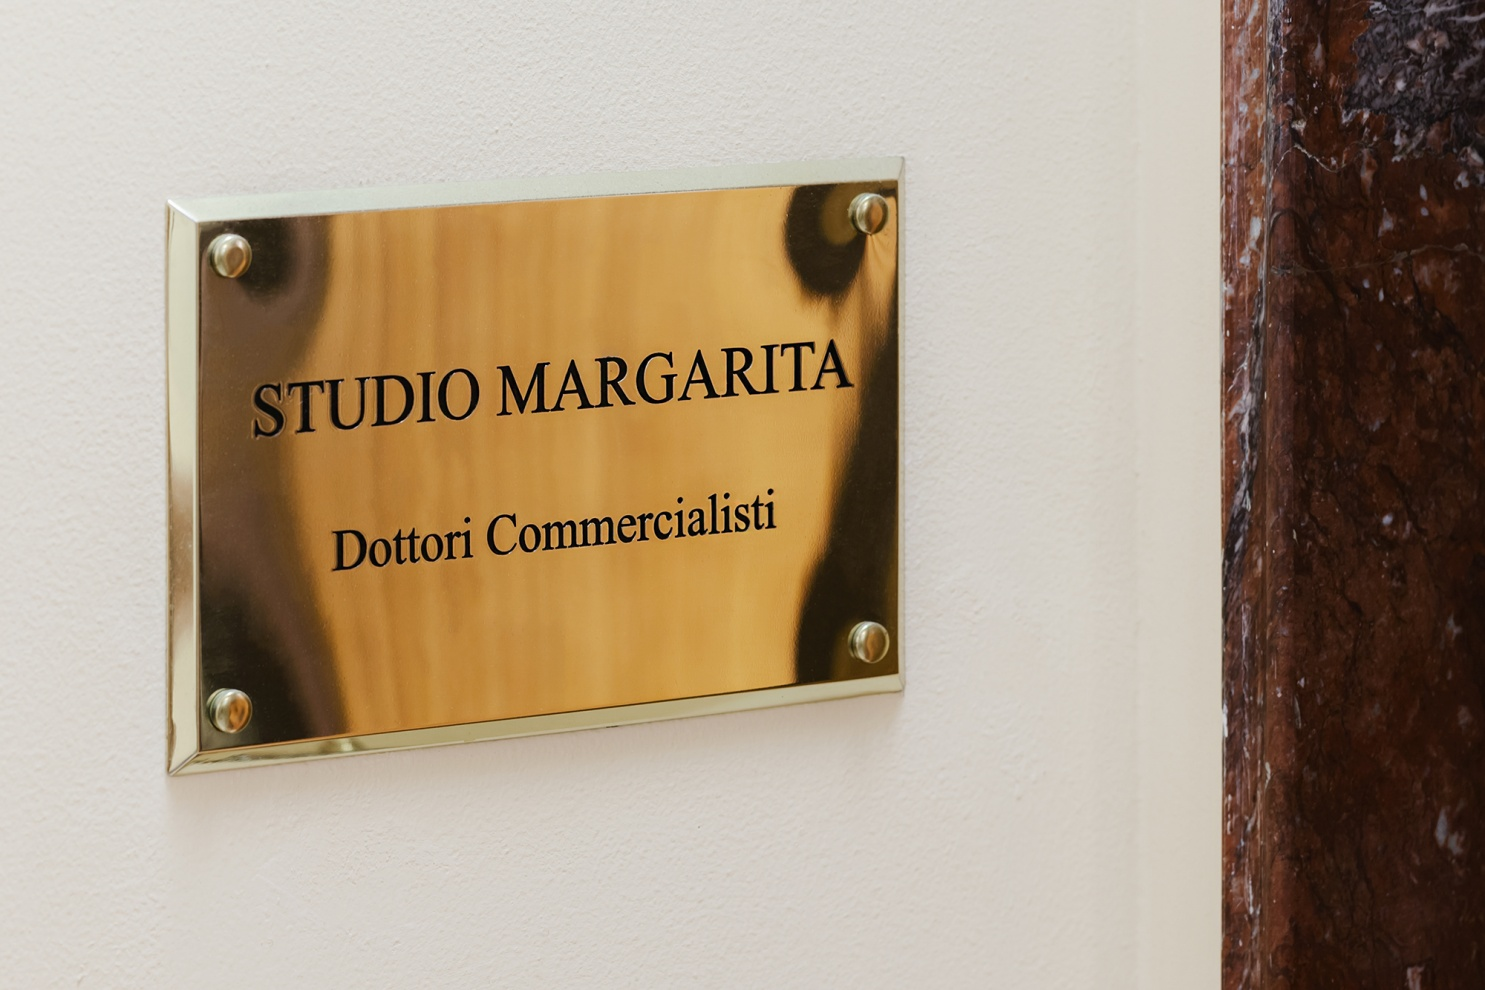 STUDIO MARGARITA